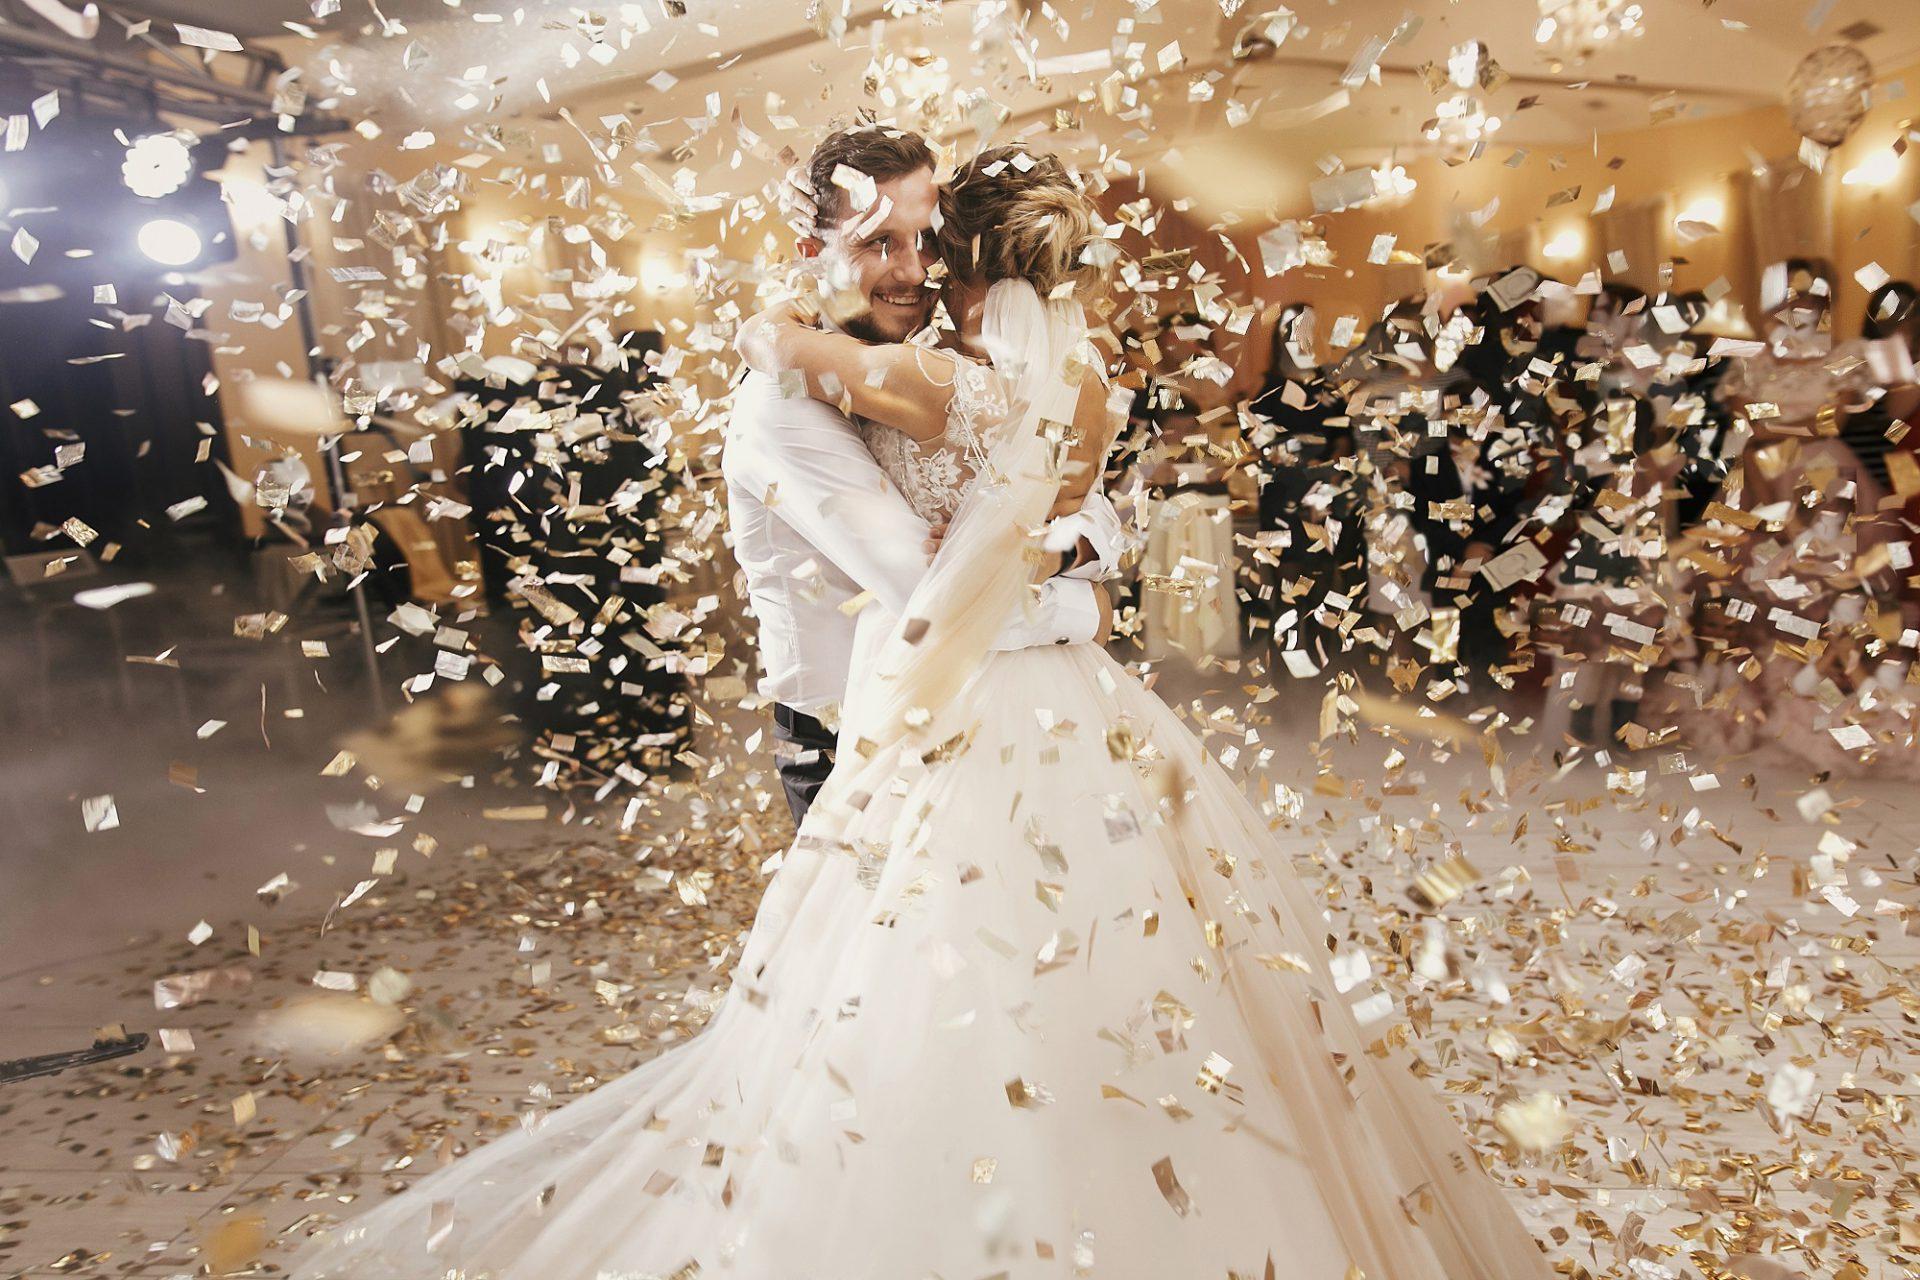 winter wedding in greece unique wedding concepts